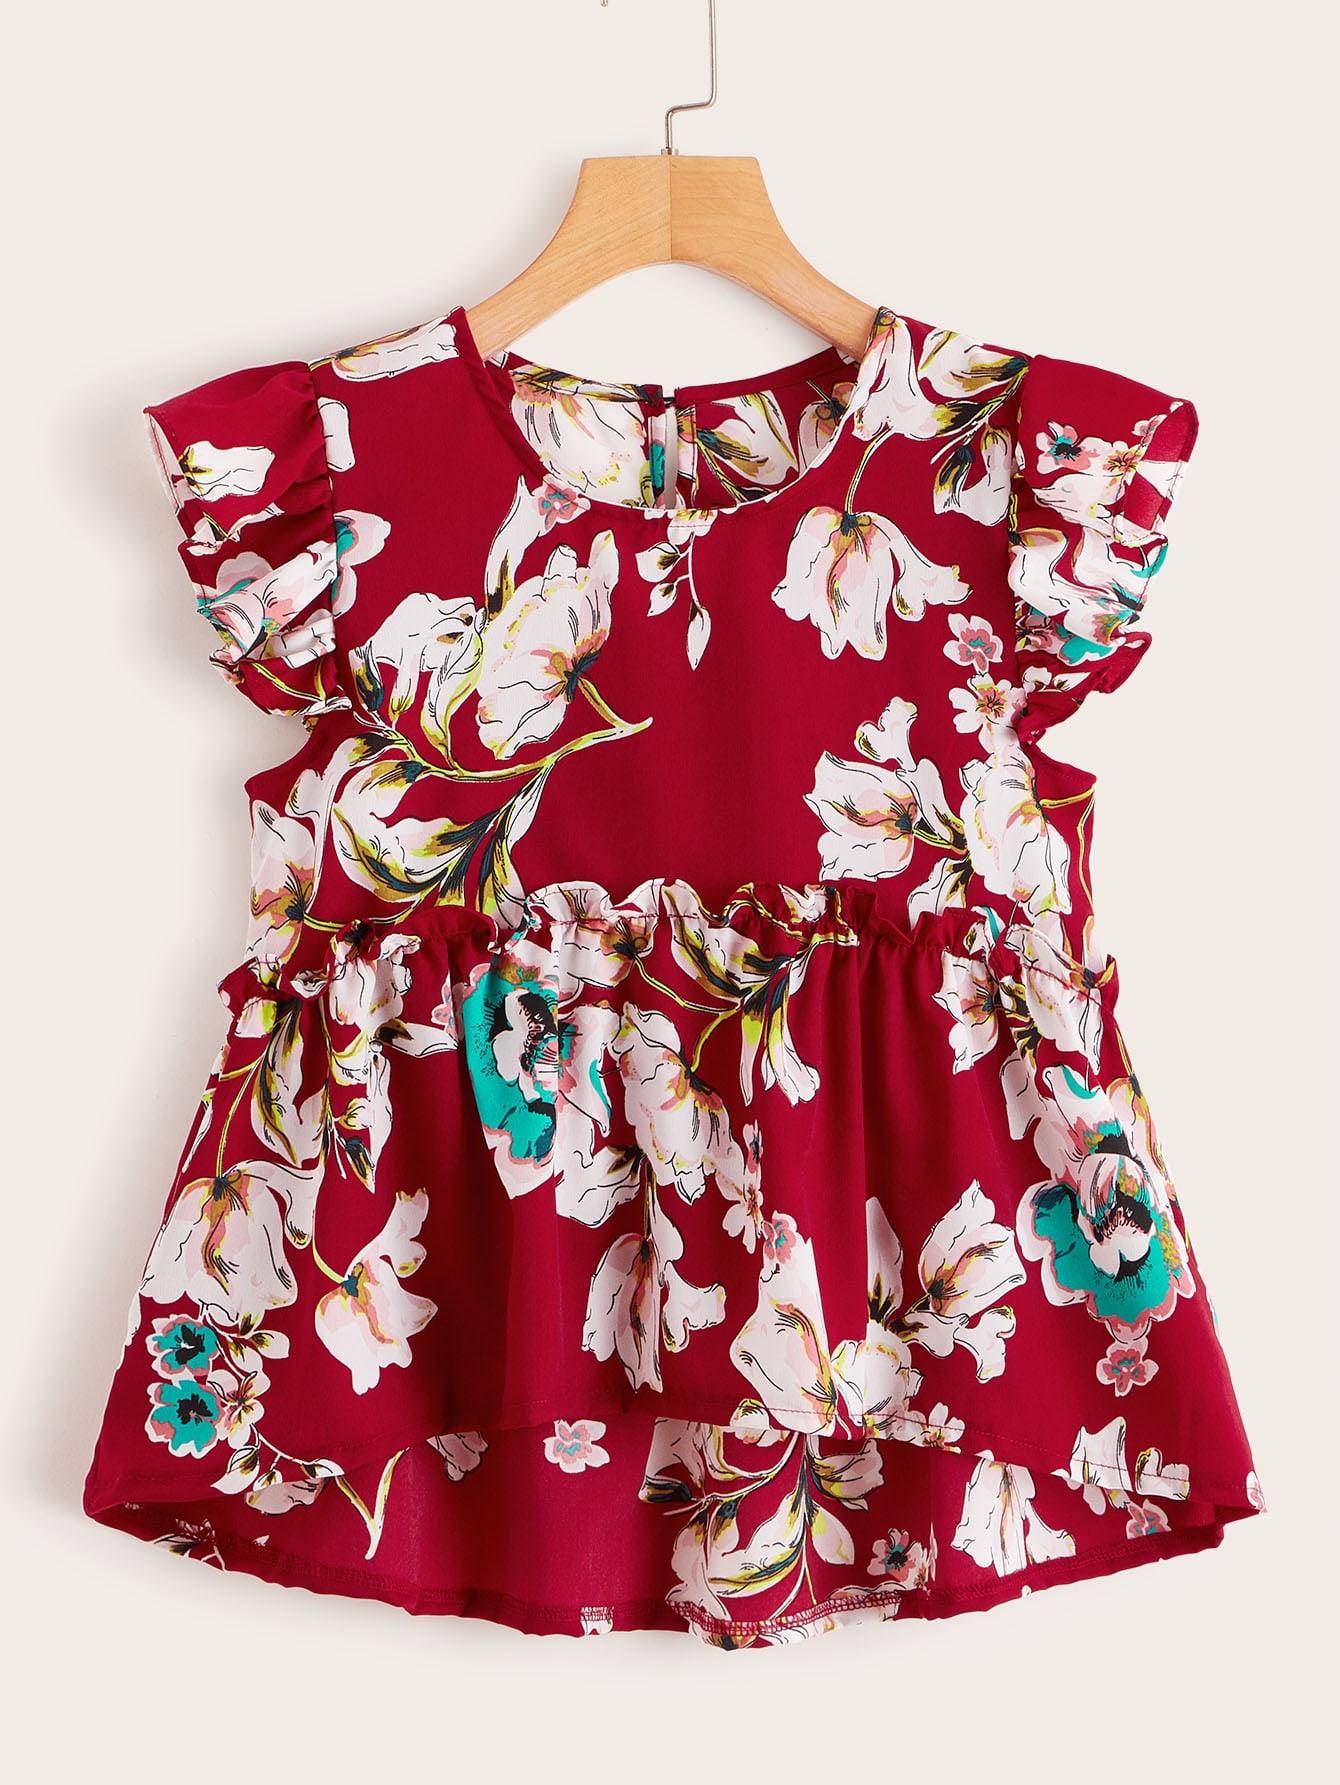 Фото - Топ с цветочным принтом и оборками от SheIn красного цвета